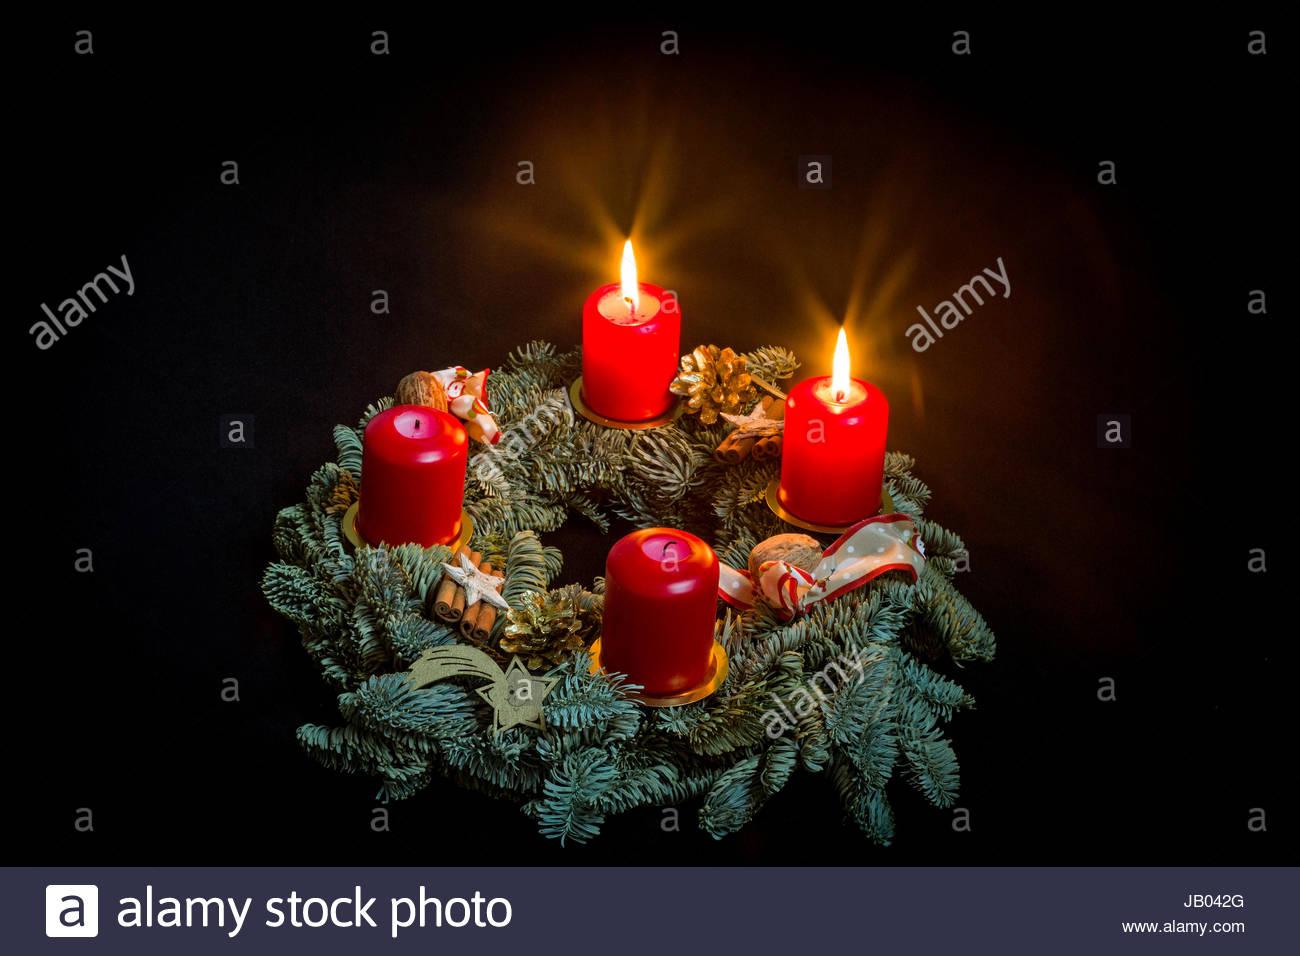 adventskranz mit zwei brennenden kerzen stock photo. Black Bedroom Furniture Sets. Home Design Ideas